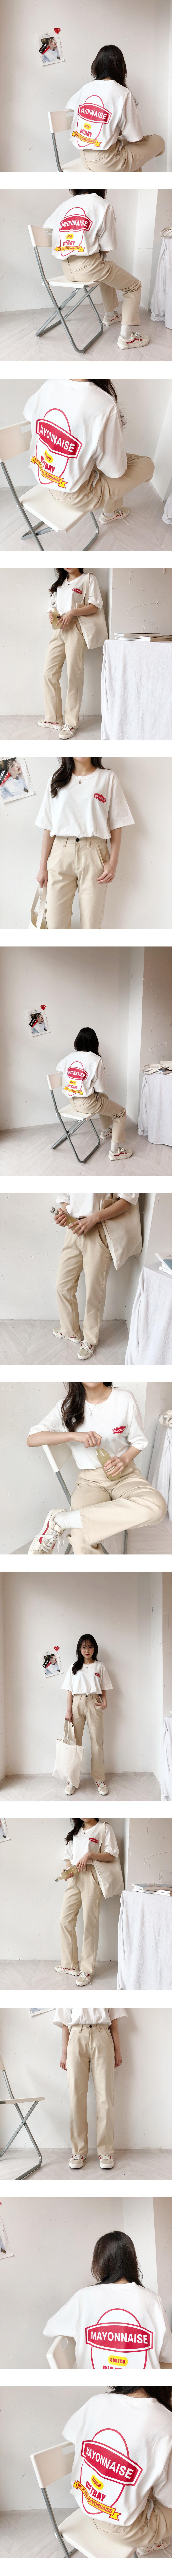 Daily Boyfit Date Pants